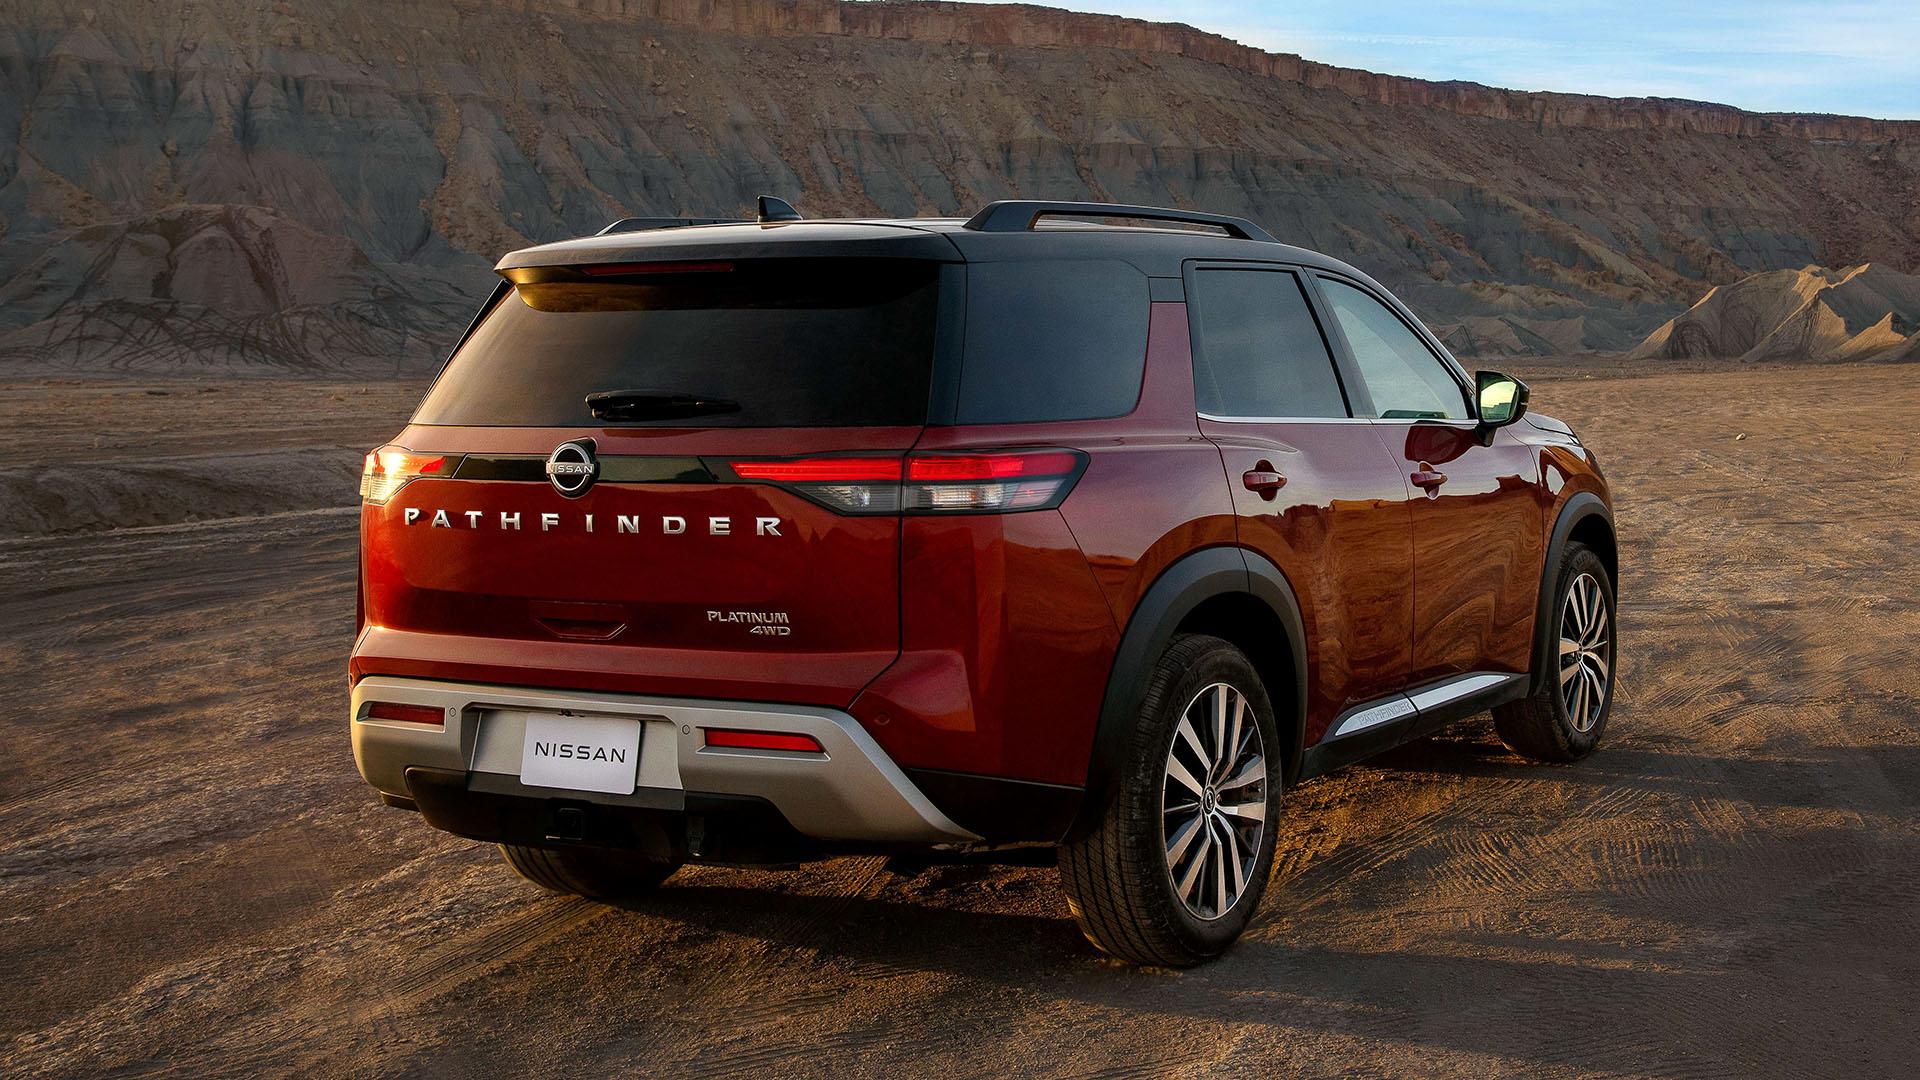 Pathfinder Nissan 2021